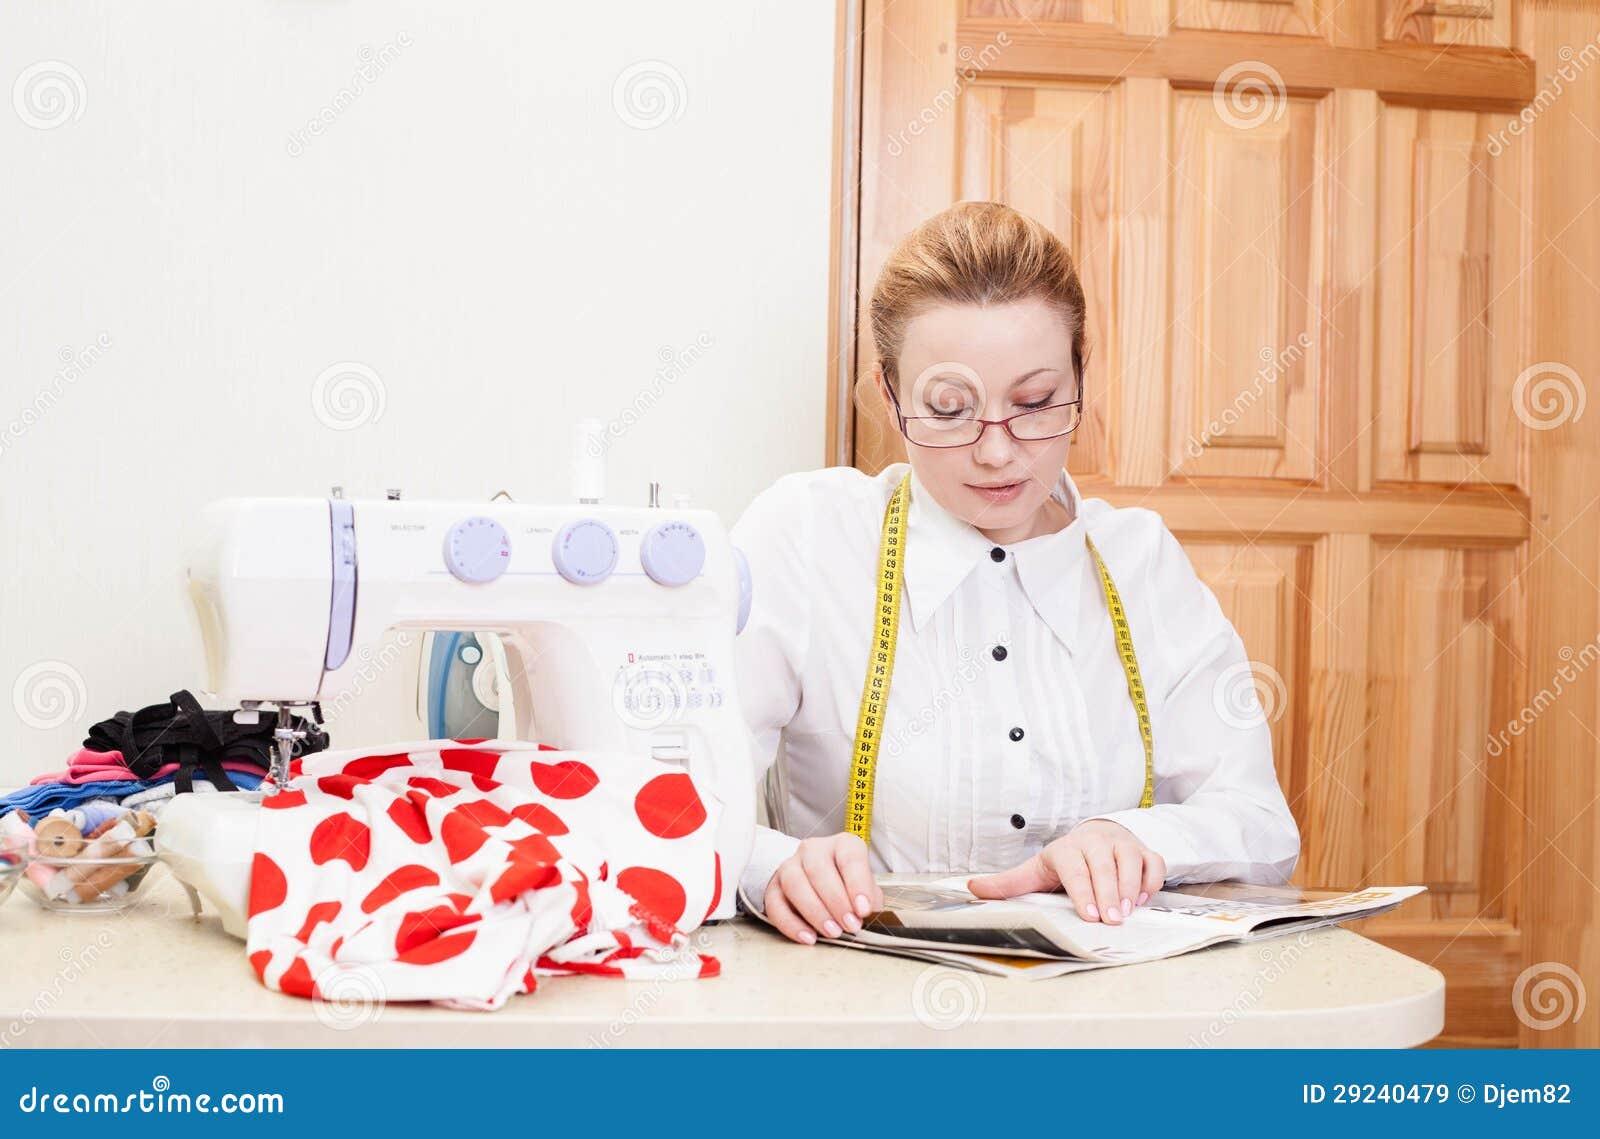 Damenschneiderin in einem Arbeitsraum